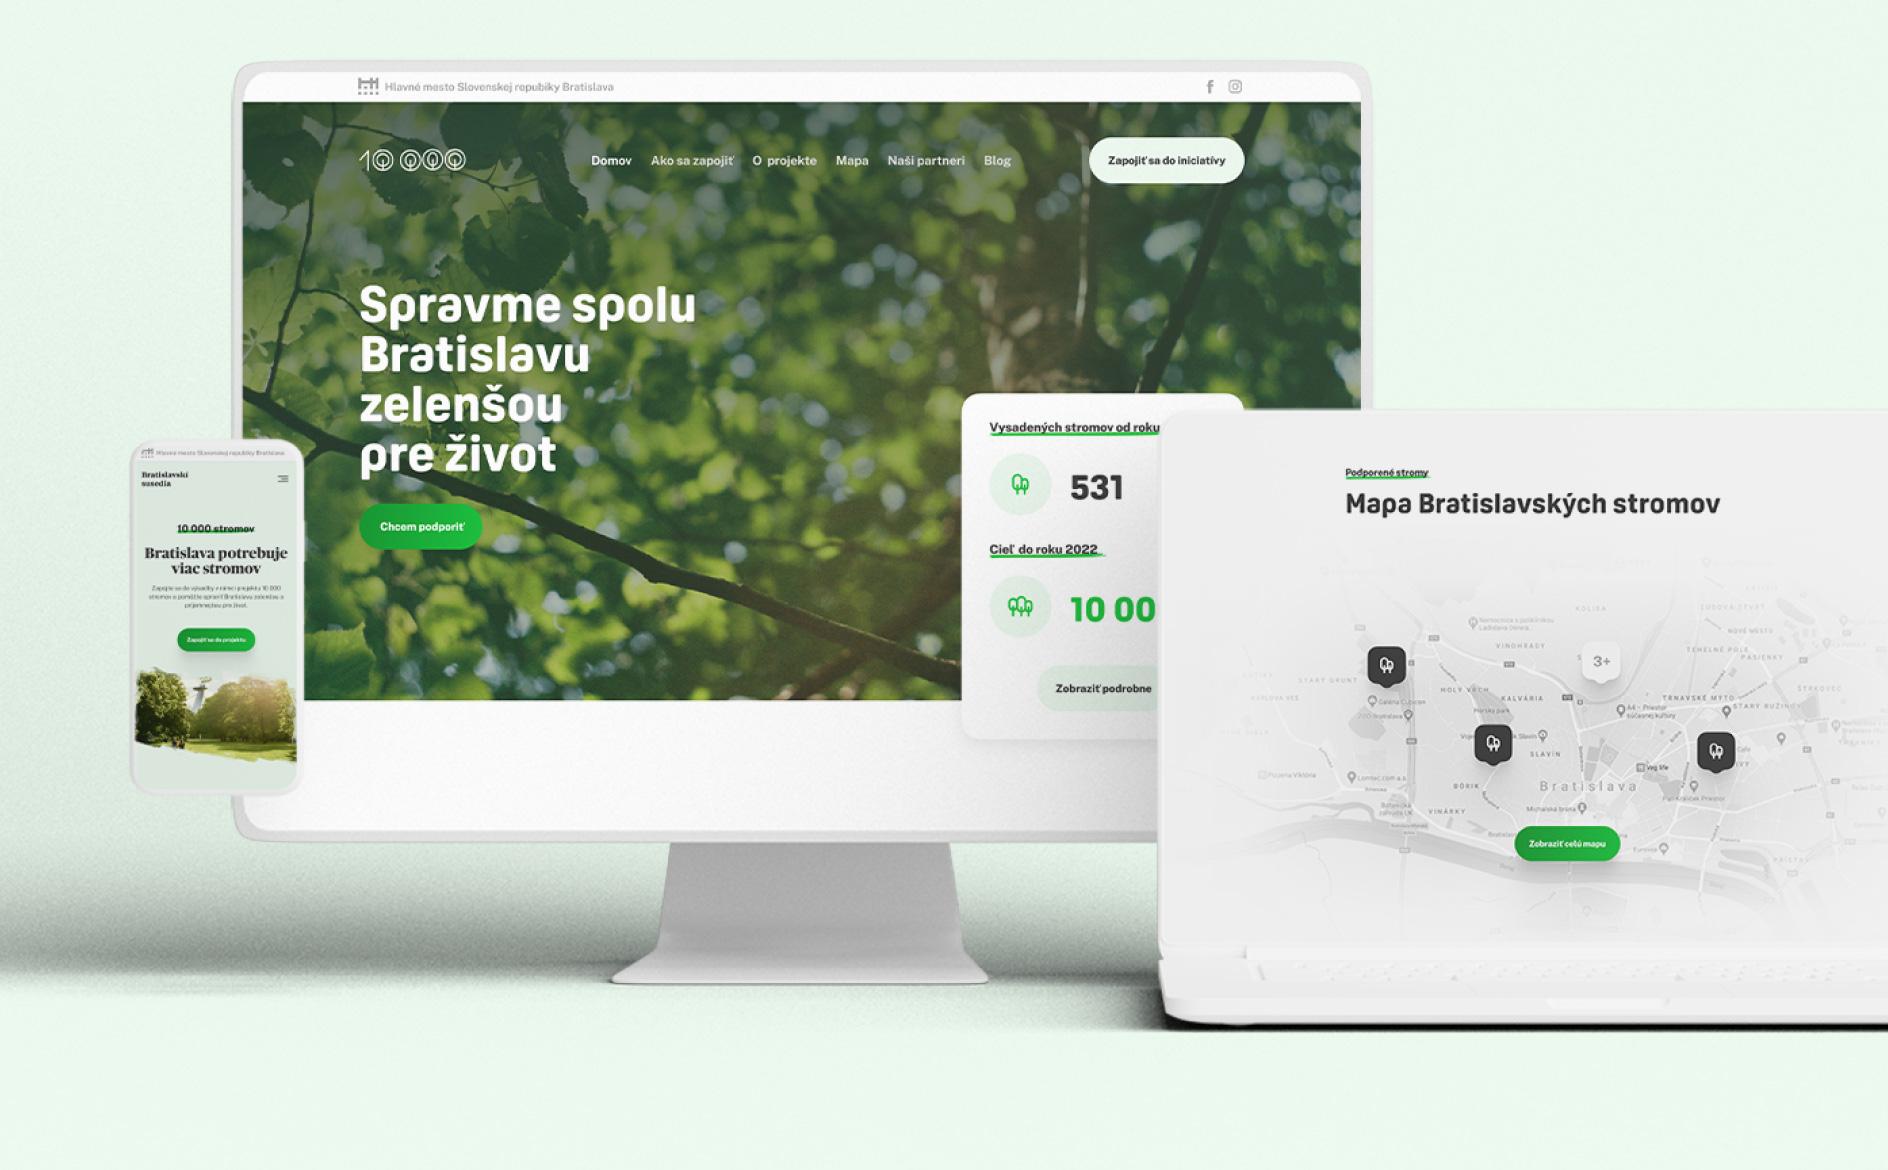 #grpartners: EKO iniciatíva hlavného mesta 10 000 stromov